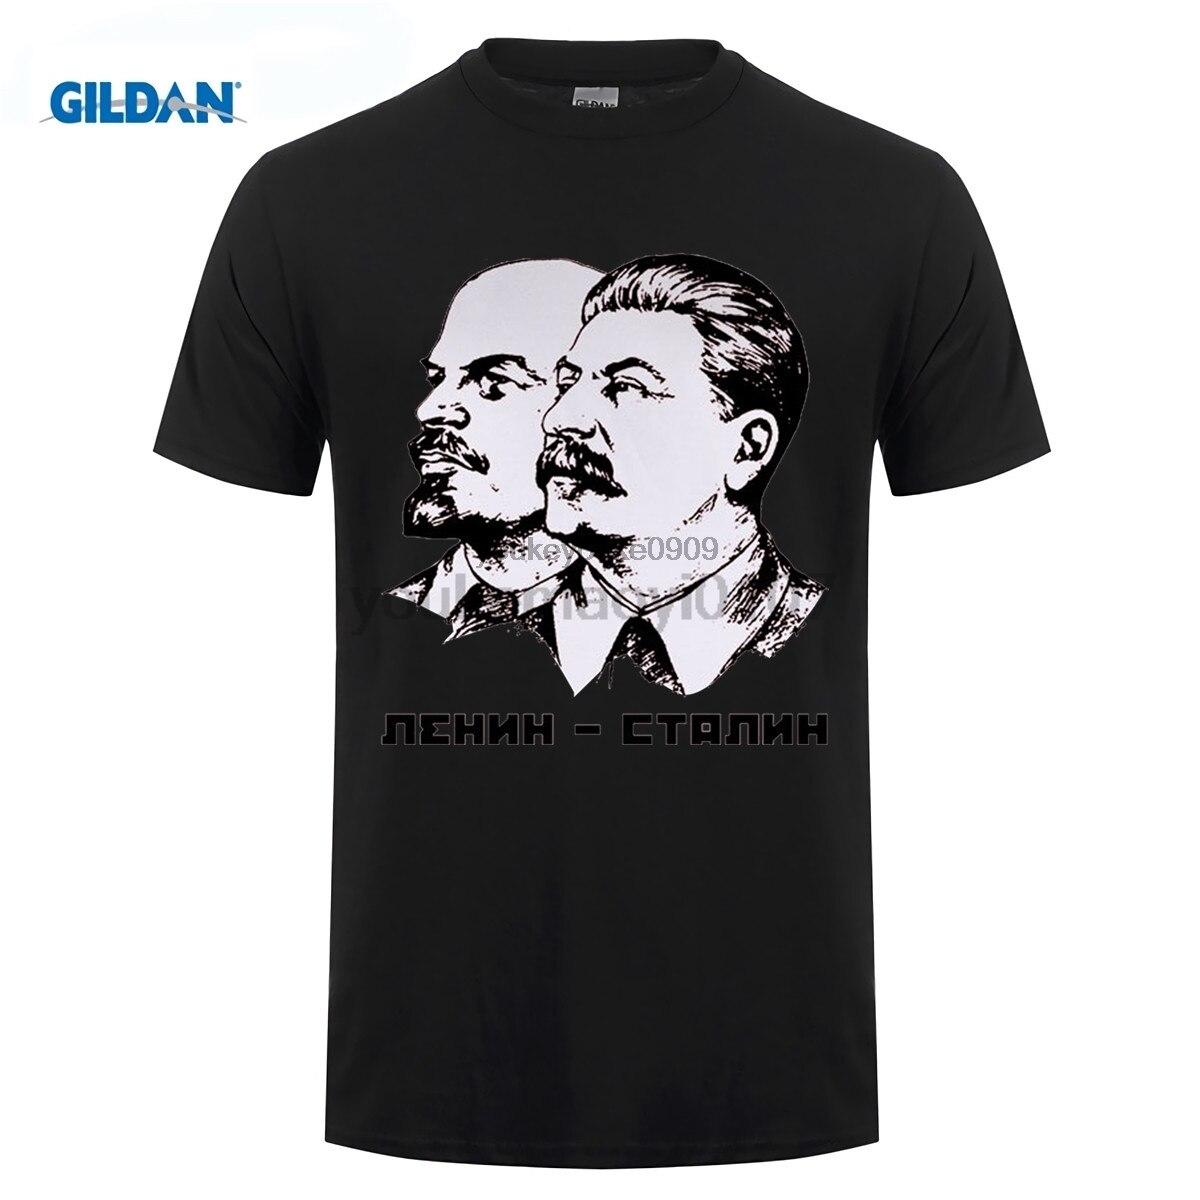 GILDAN designer t shirt Lenin And Stalin t-shirt Top Lycra Cotton Men T Shirt